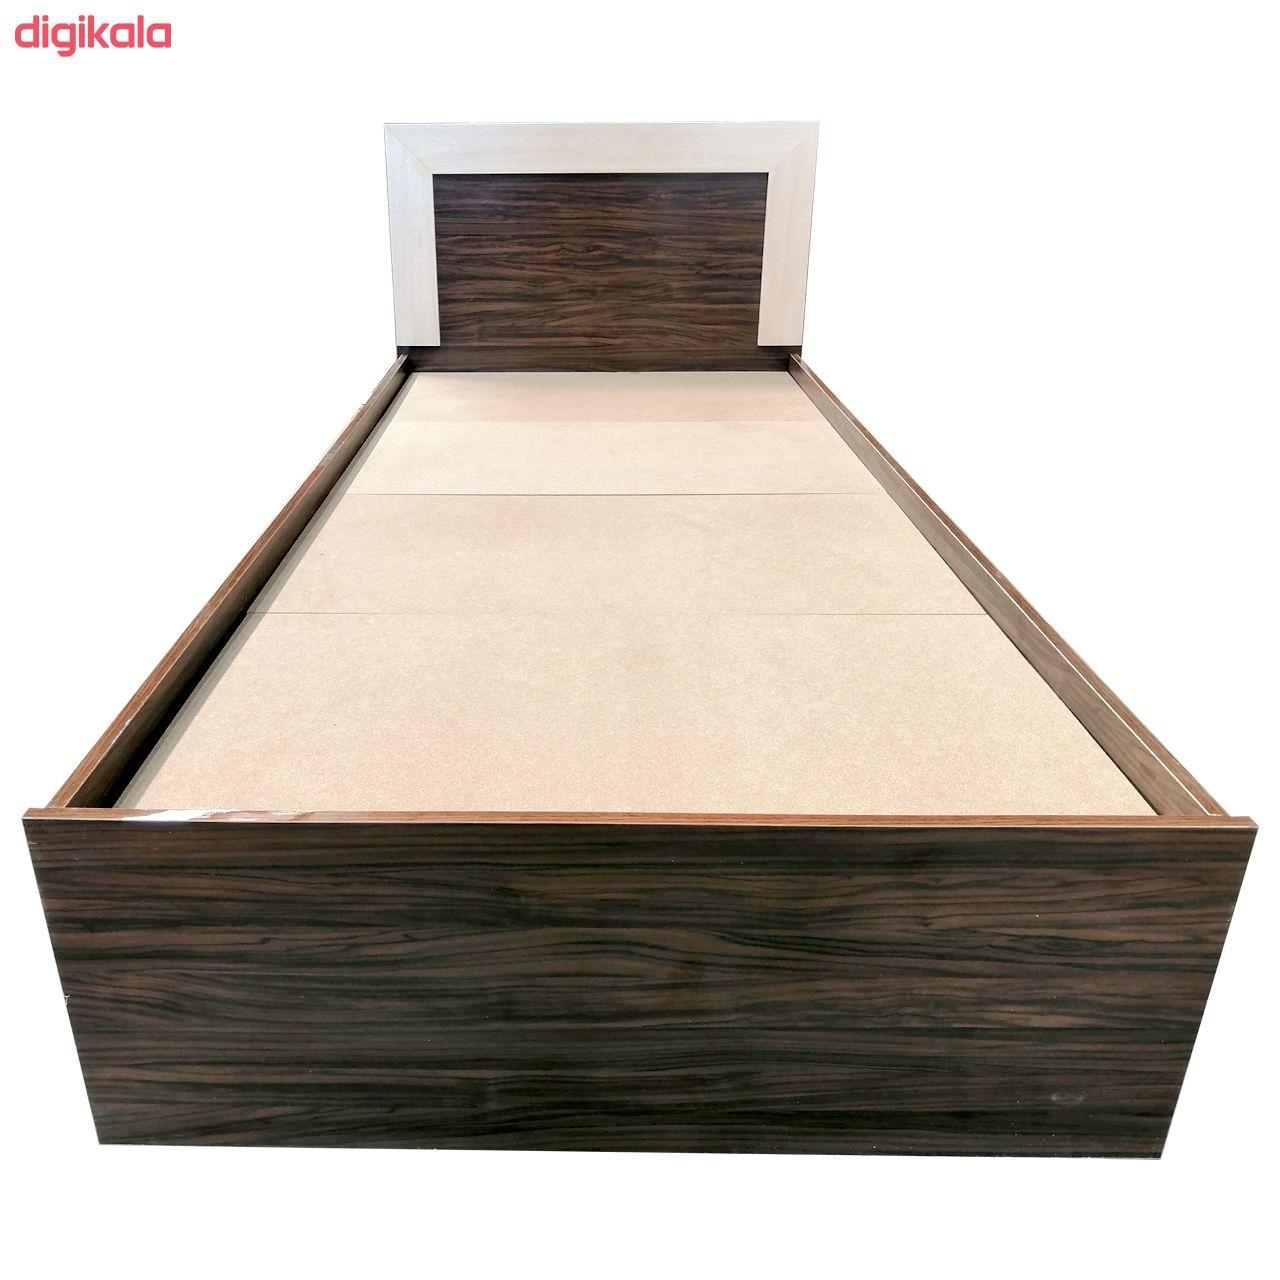 تخت خواب یک نفره مدل TB15 سایز 200x96 سانتی متر  main 1 3